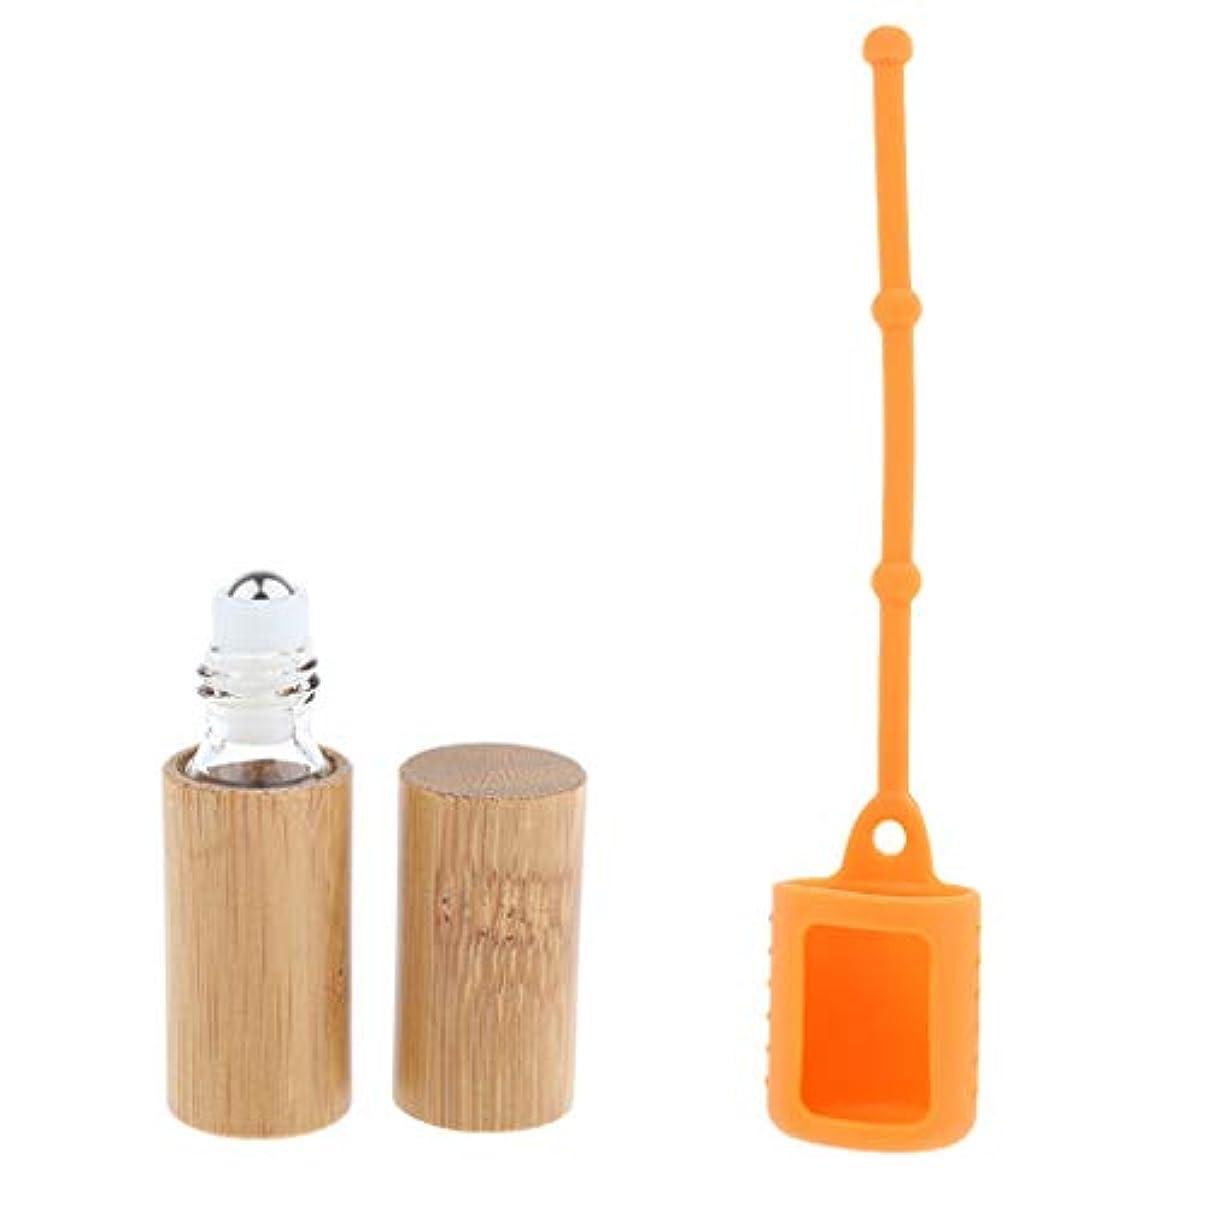 休眠裁判所登録する空ボトル 竹ボトル 香水瓶 エッセンシャルオイル 精油瓶 詰め替え 掛け シリコンカバー